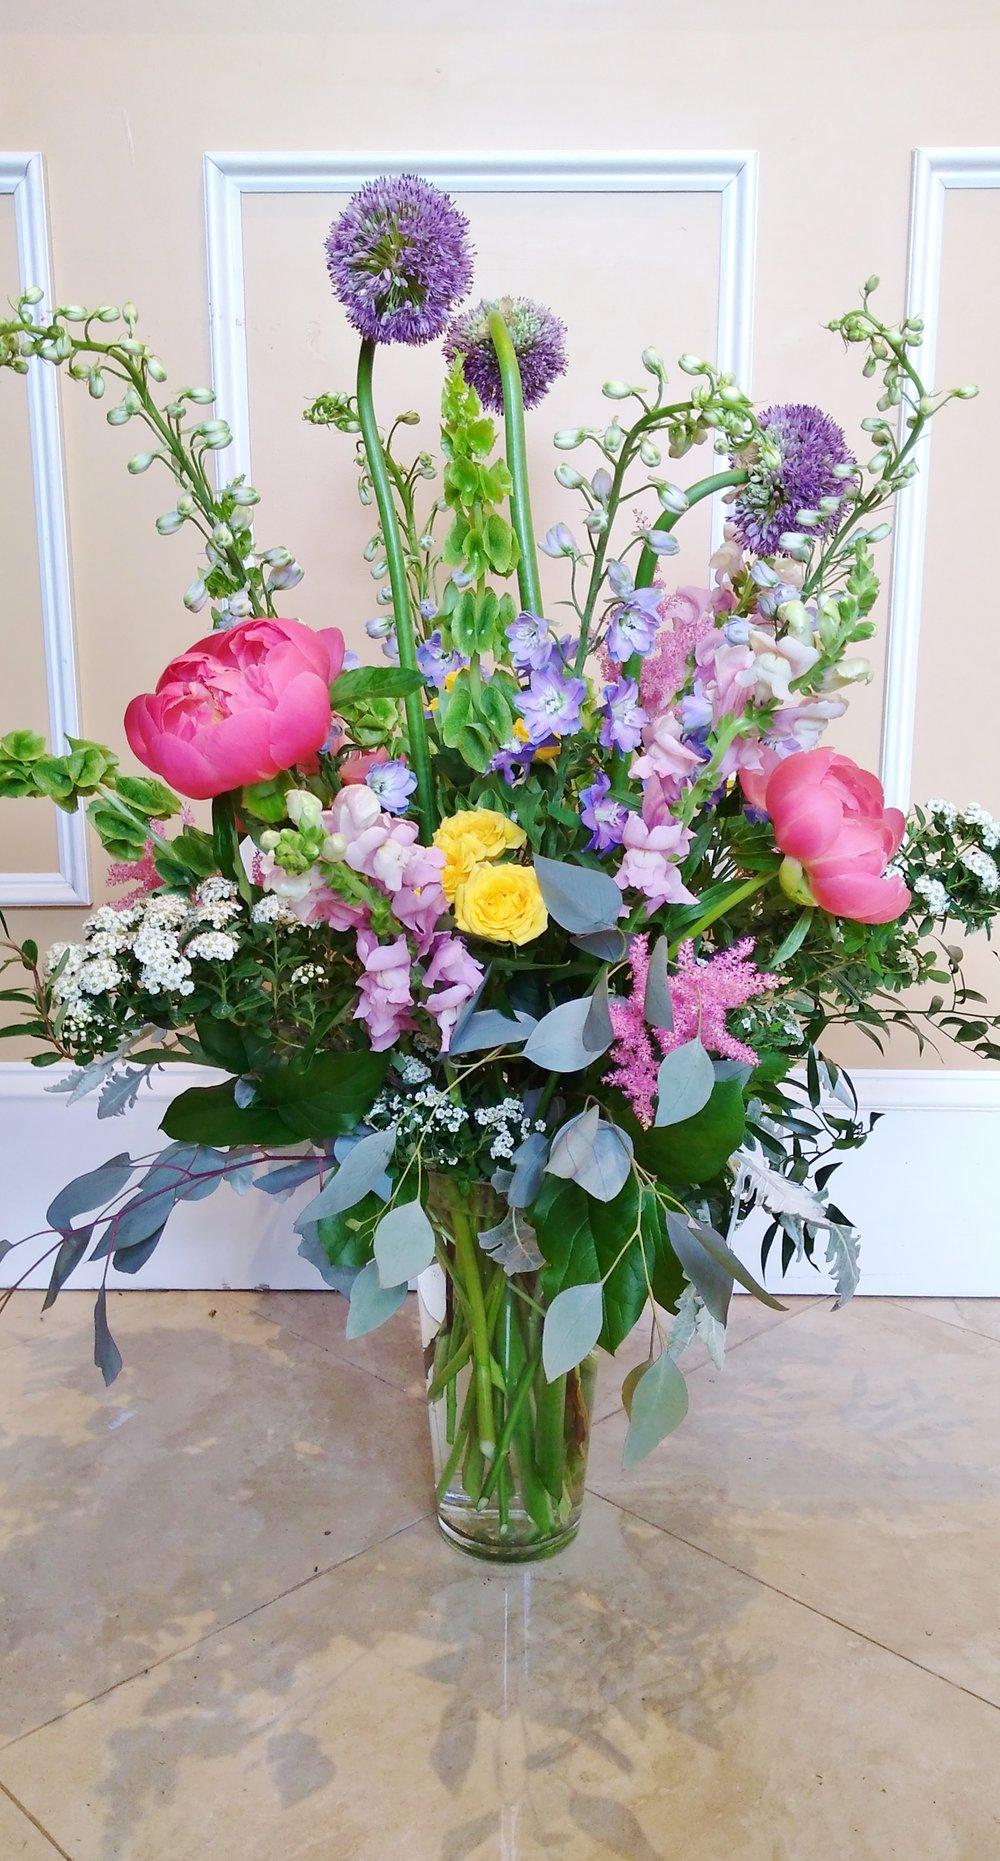 B5 $125-$200 Tall, full arrangement. $150 as shown.